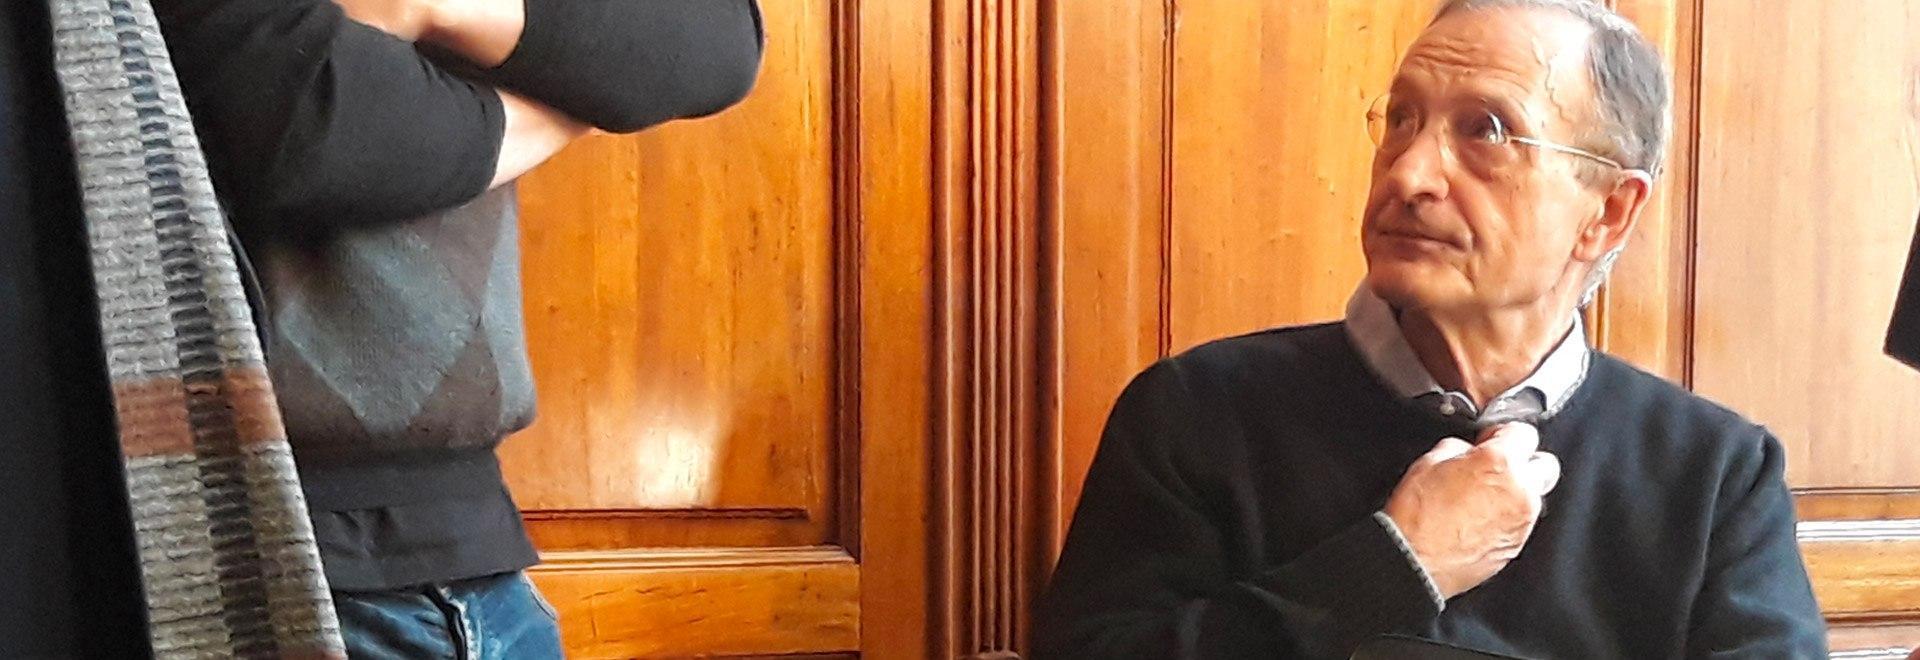 Come è nato un golpe: il caso Moro